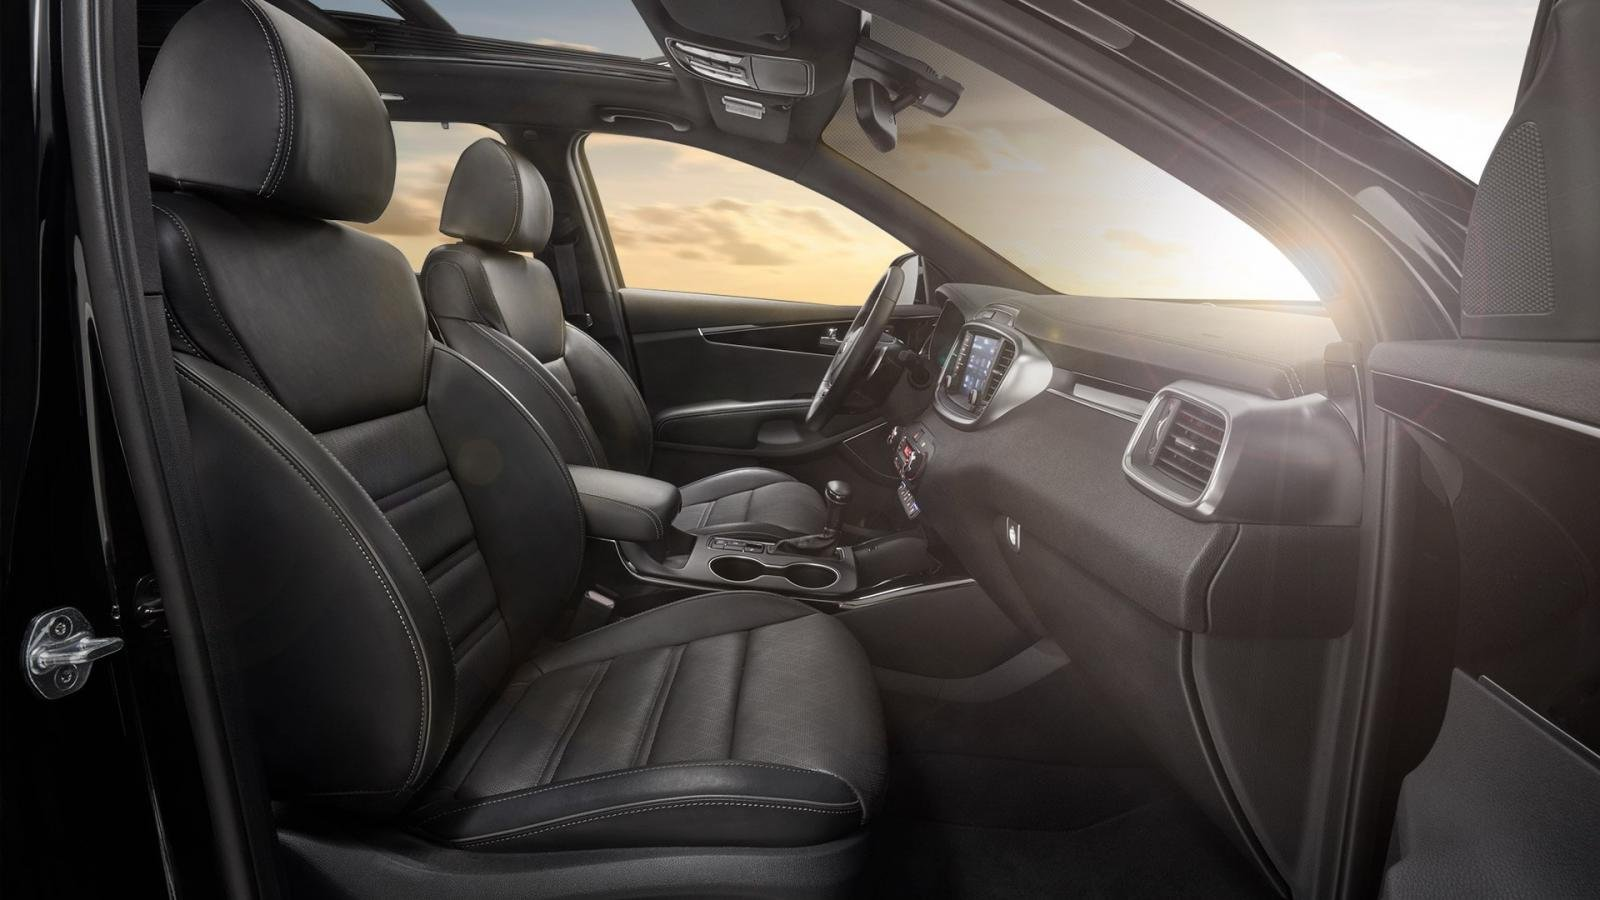 La Kia Sorento tiene un interior elegante